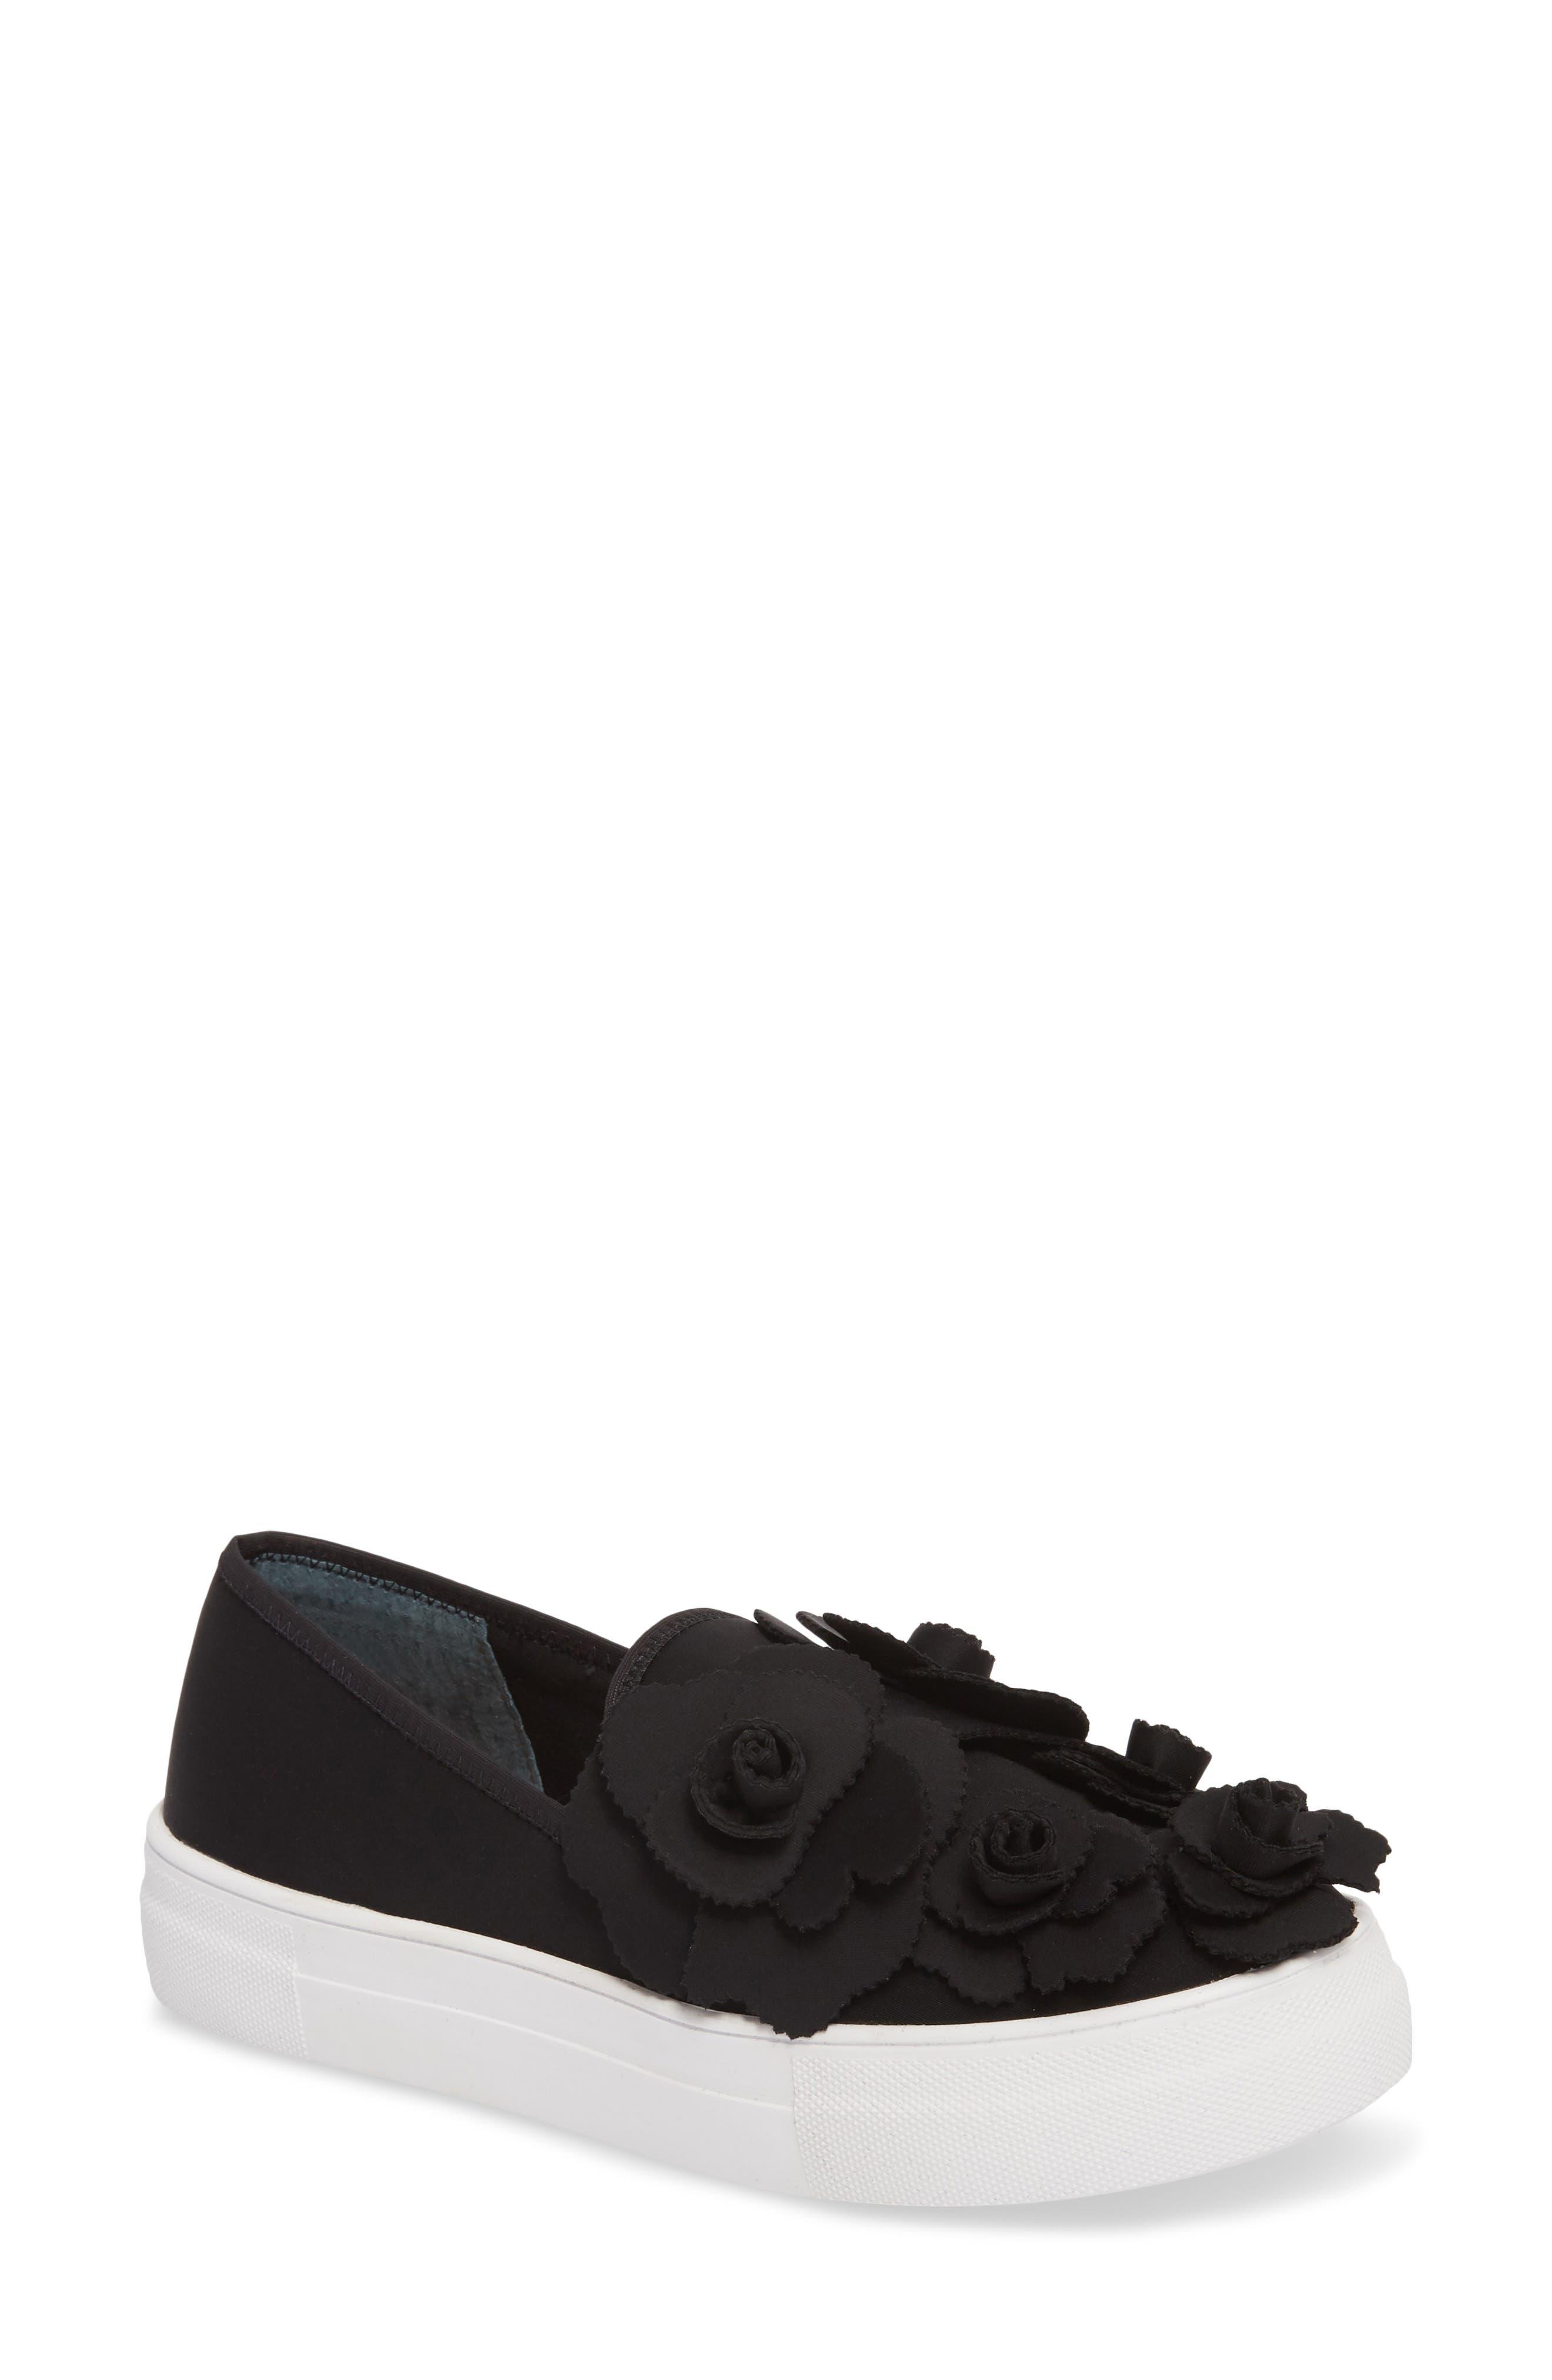 Alden Floral Embellished Slip-On Sneaker,                         Main,                         color, 001